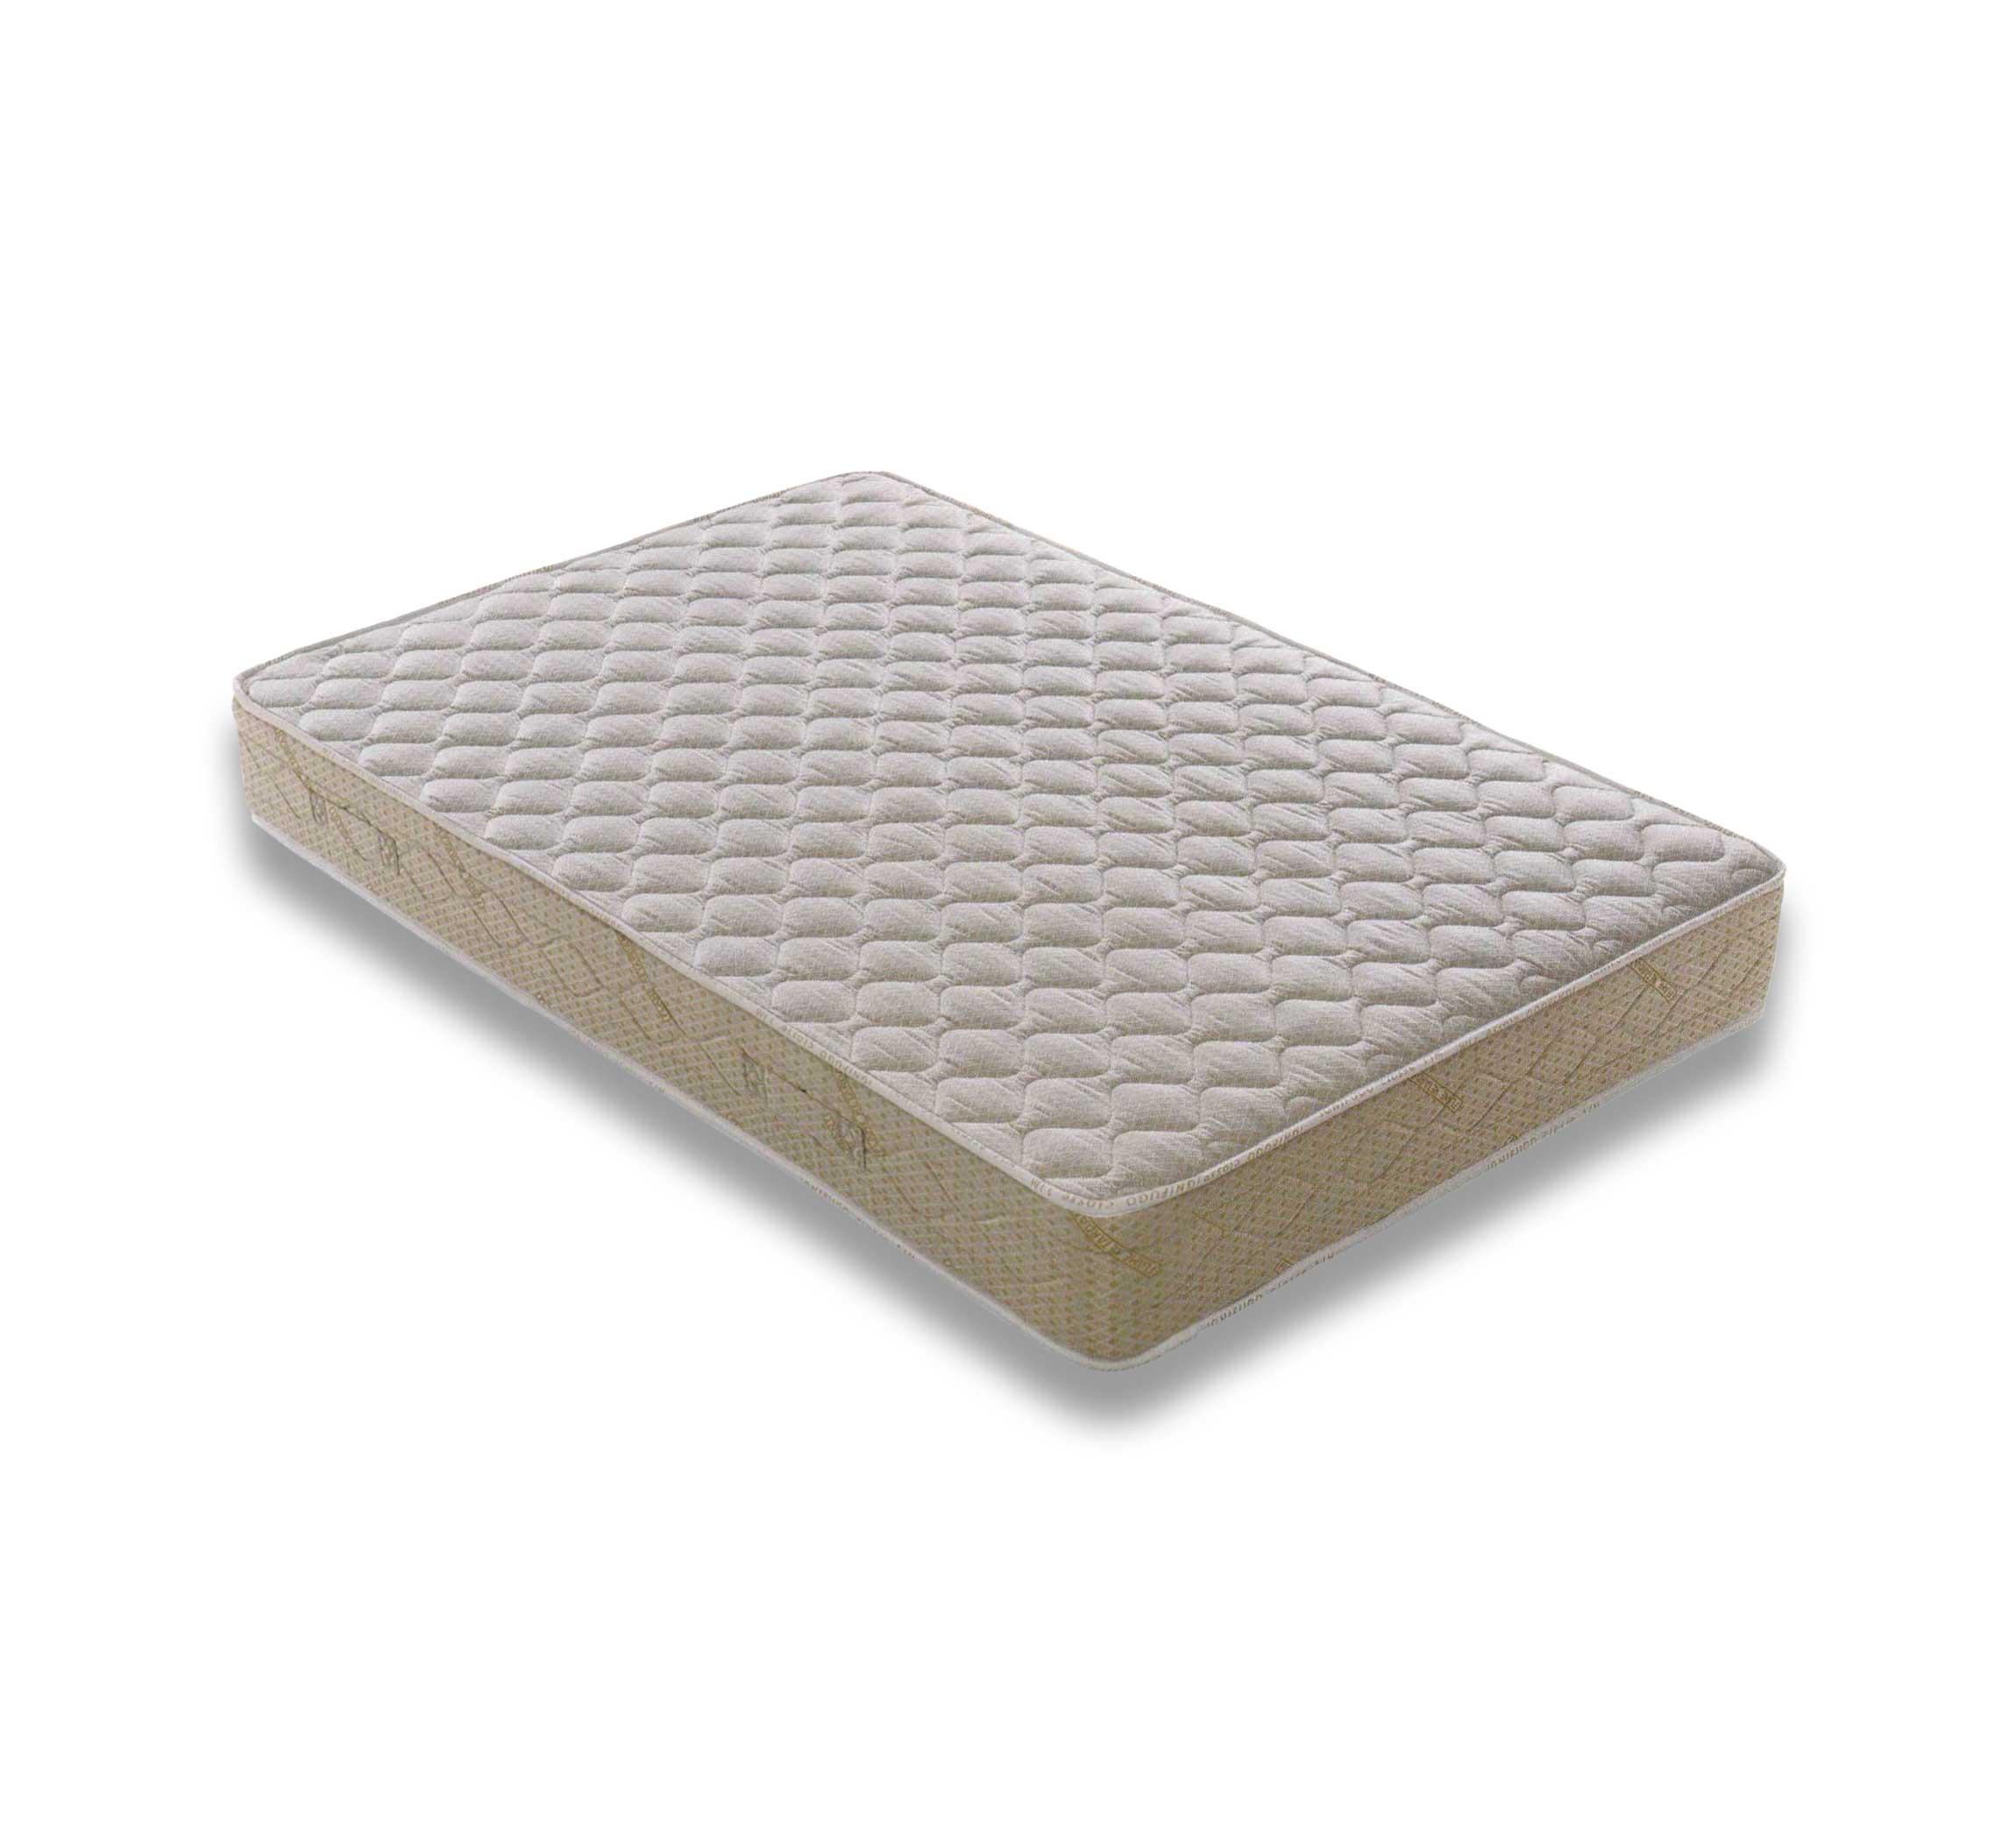 Piuma Sofa 120 Easy – Letto piazza e mezzo a scomparsa con divano contenitore